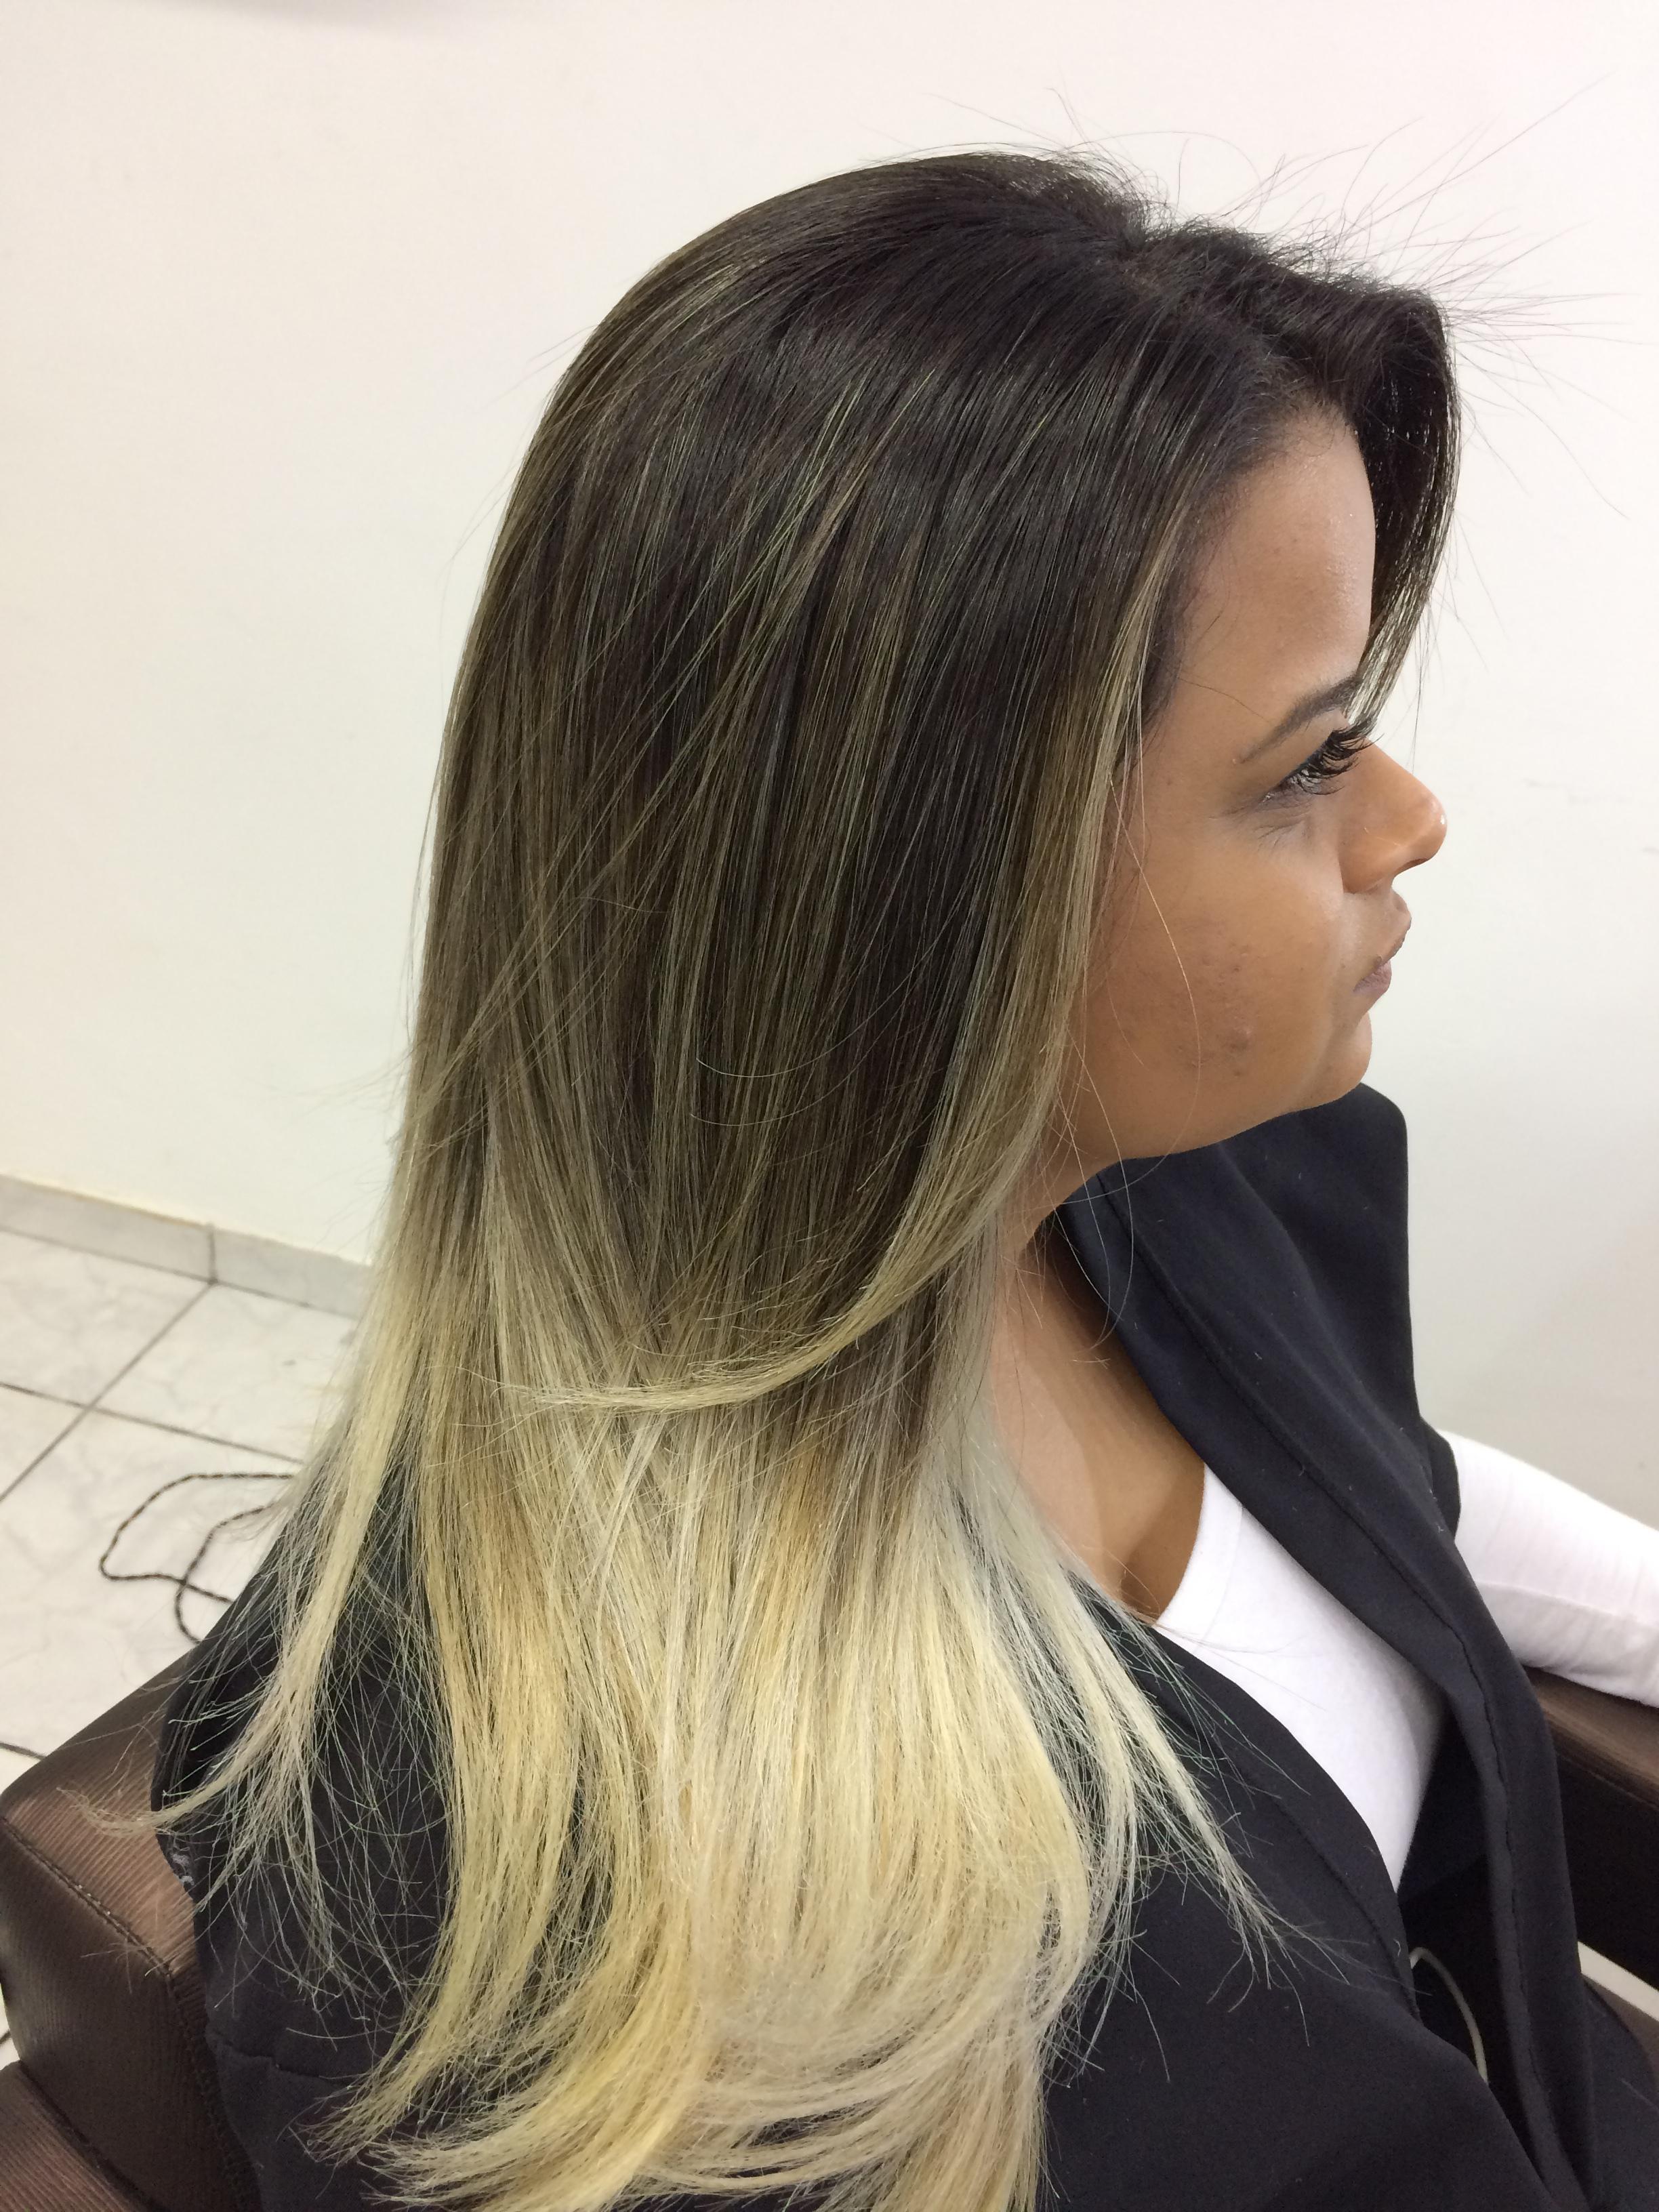 Trabalho de ombre hair + hair contour cabelo auxiliar cabeleireiro(a)